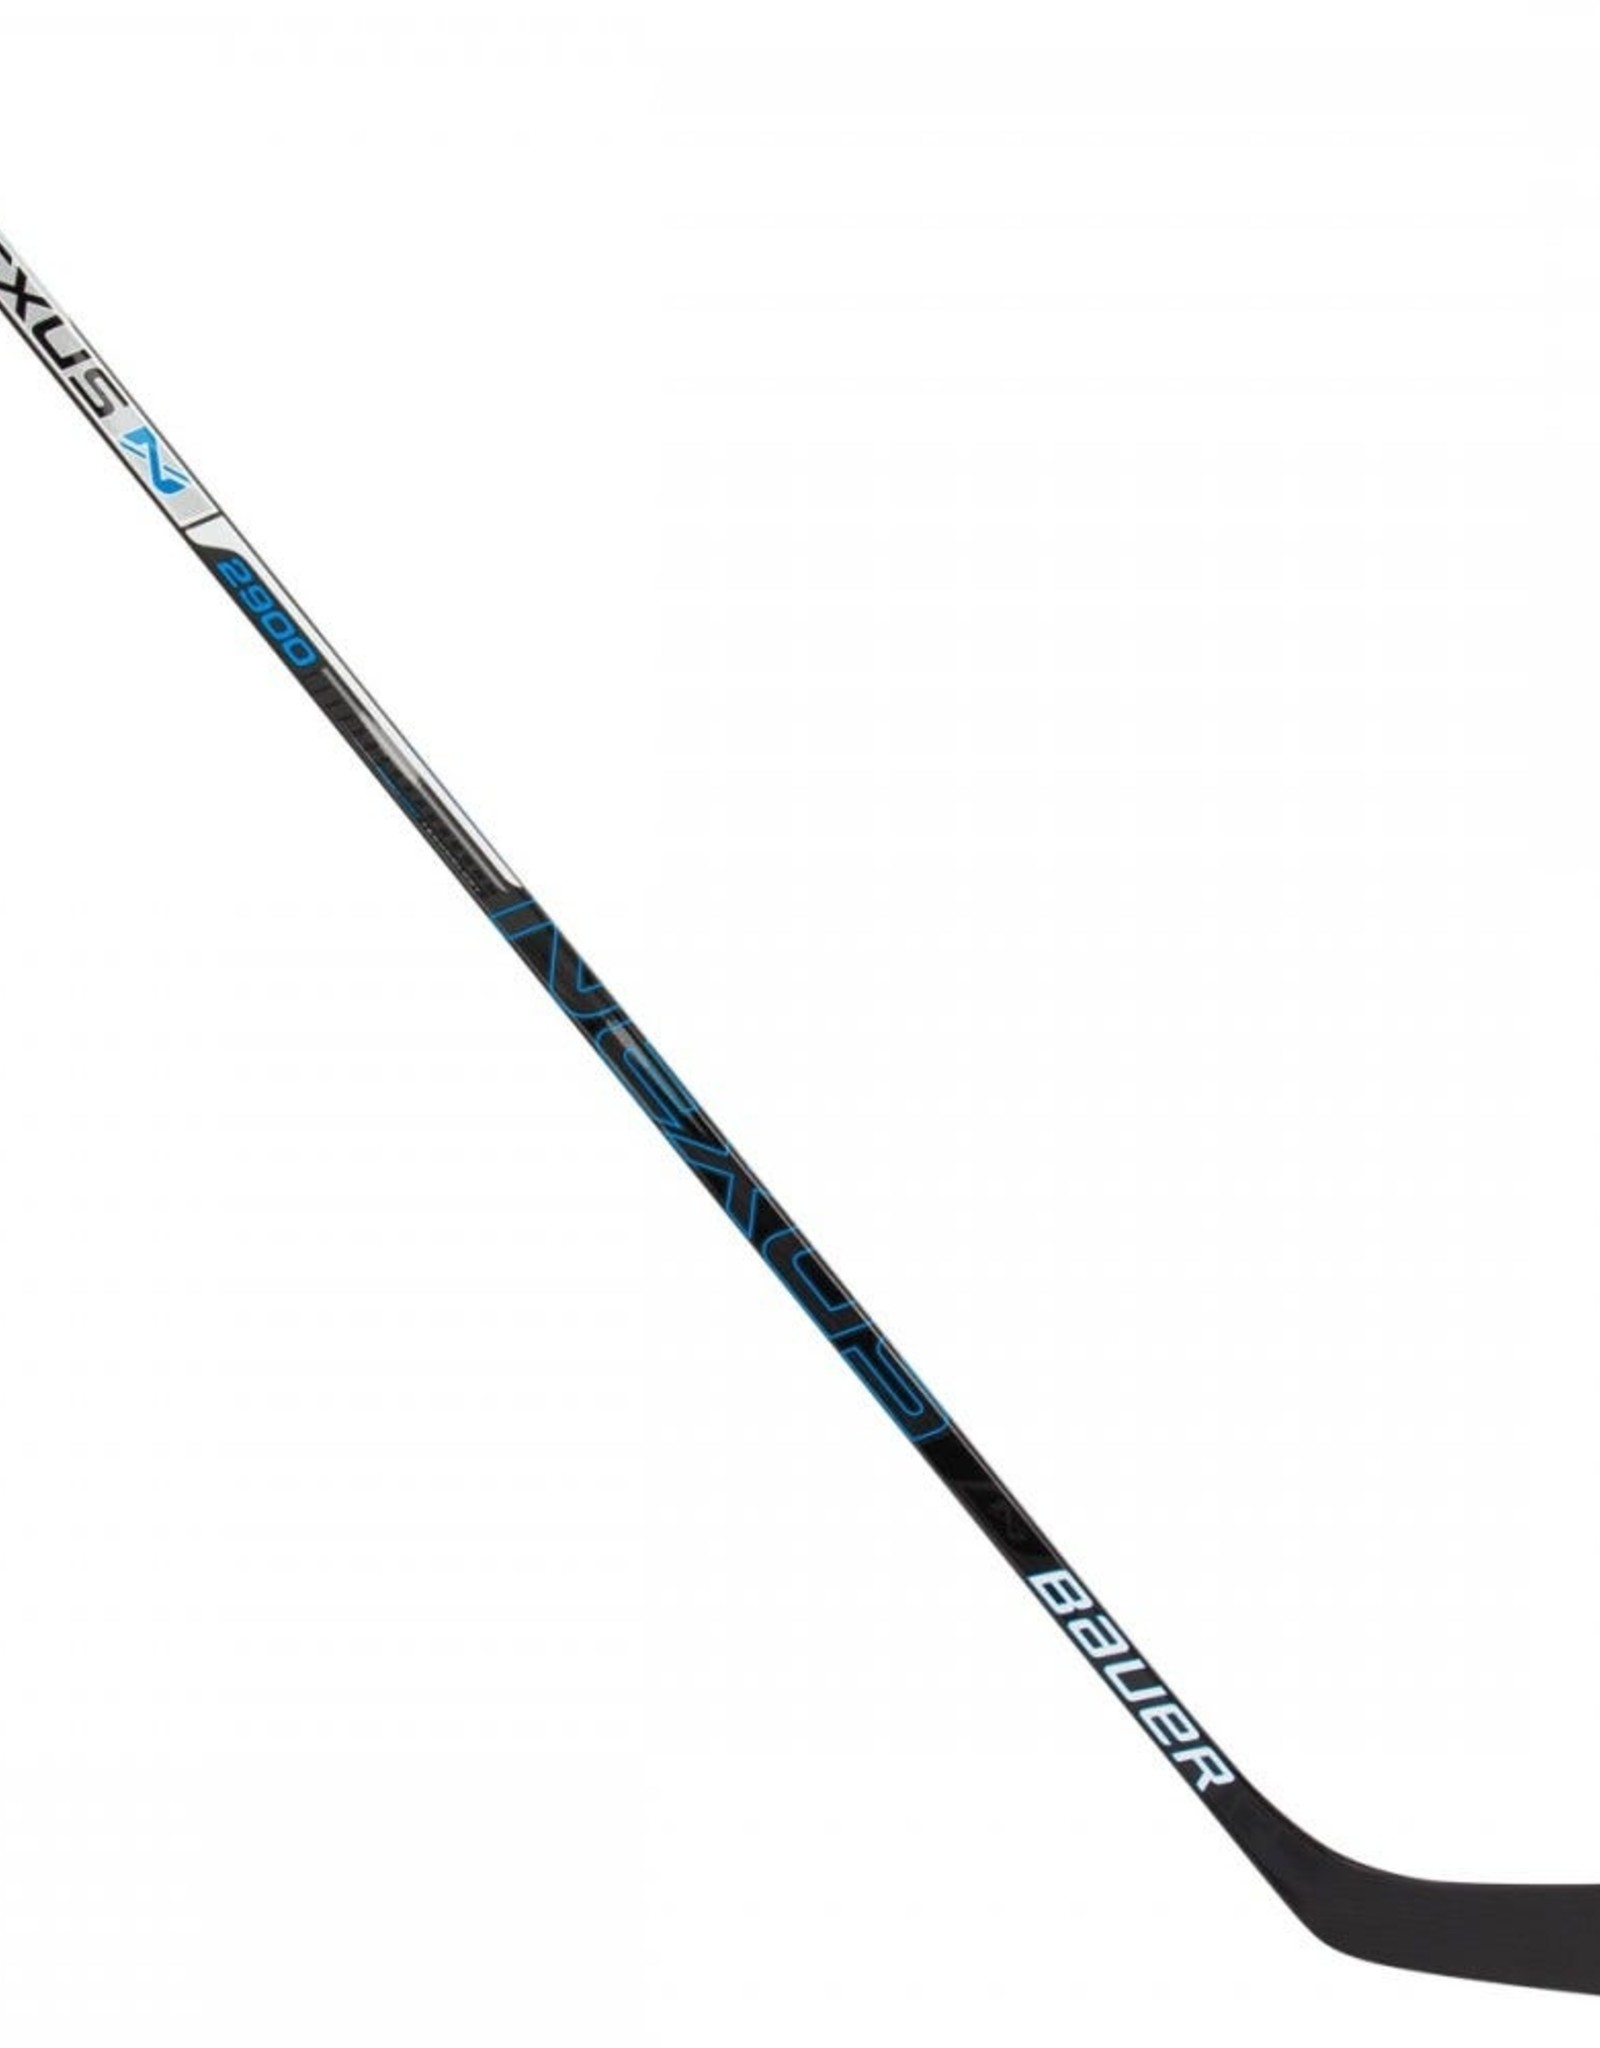 Bauer Nexus N2900 Comp Stick SR